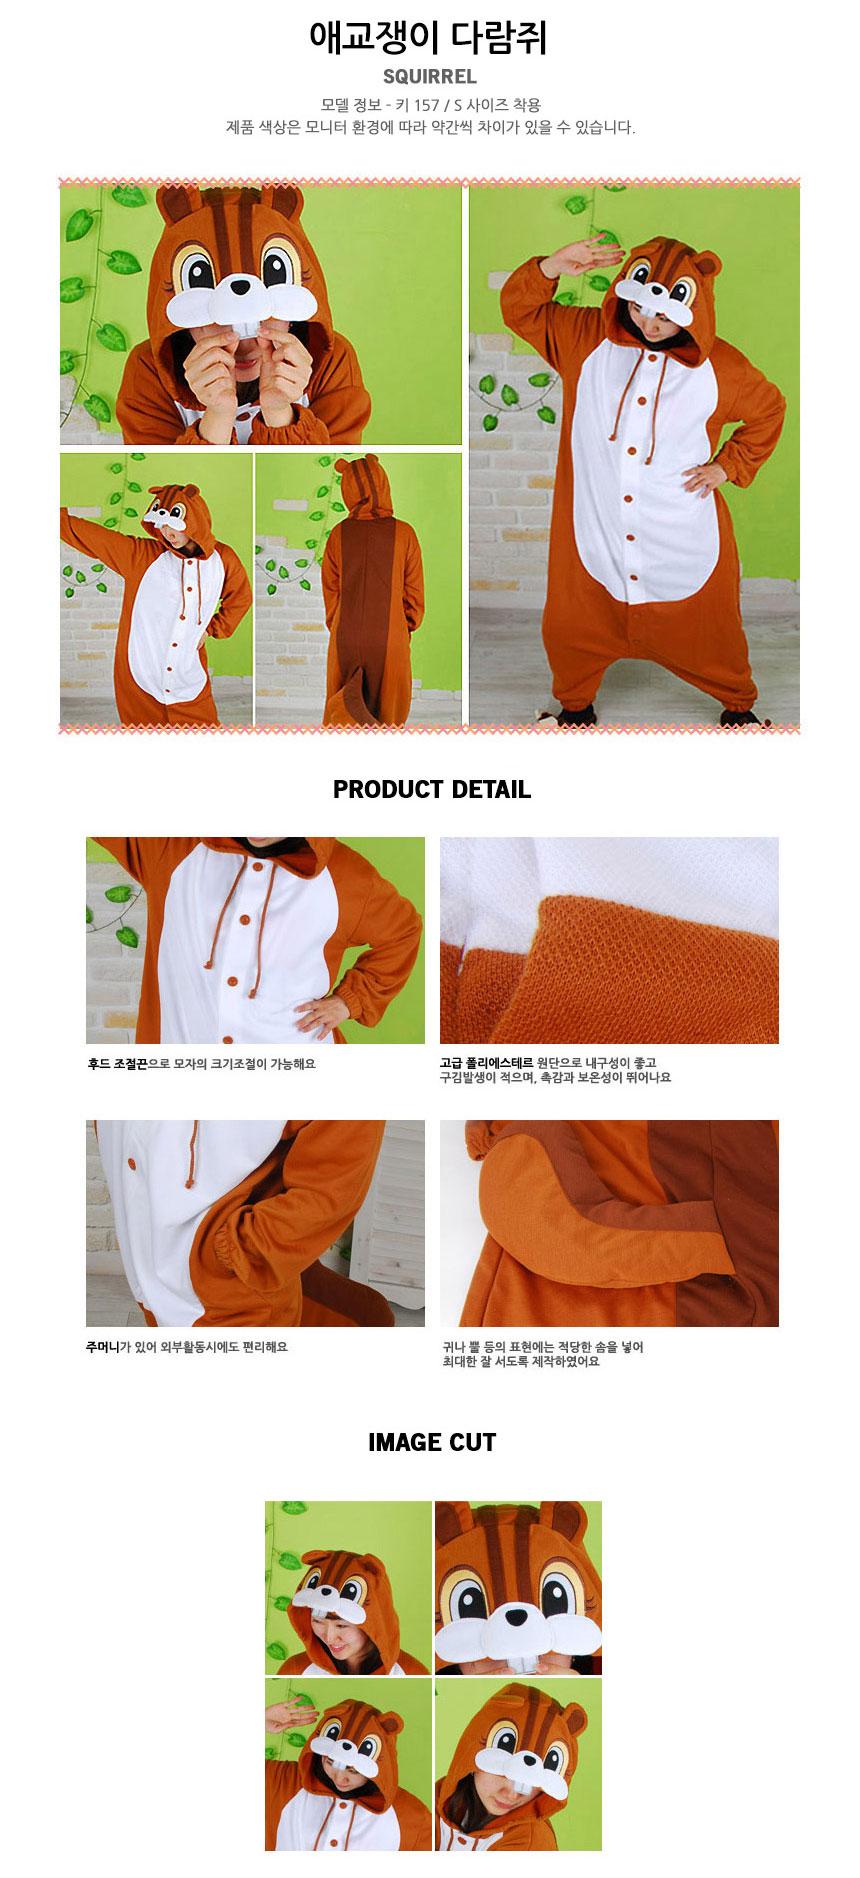 사계절 동물잠옷 다람쥐 (브라운) - 스위트홀릭, 39,000원, 잠옷, 동물잠옷